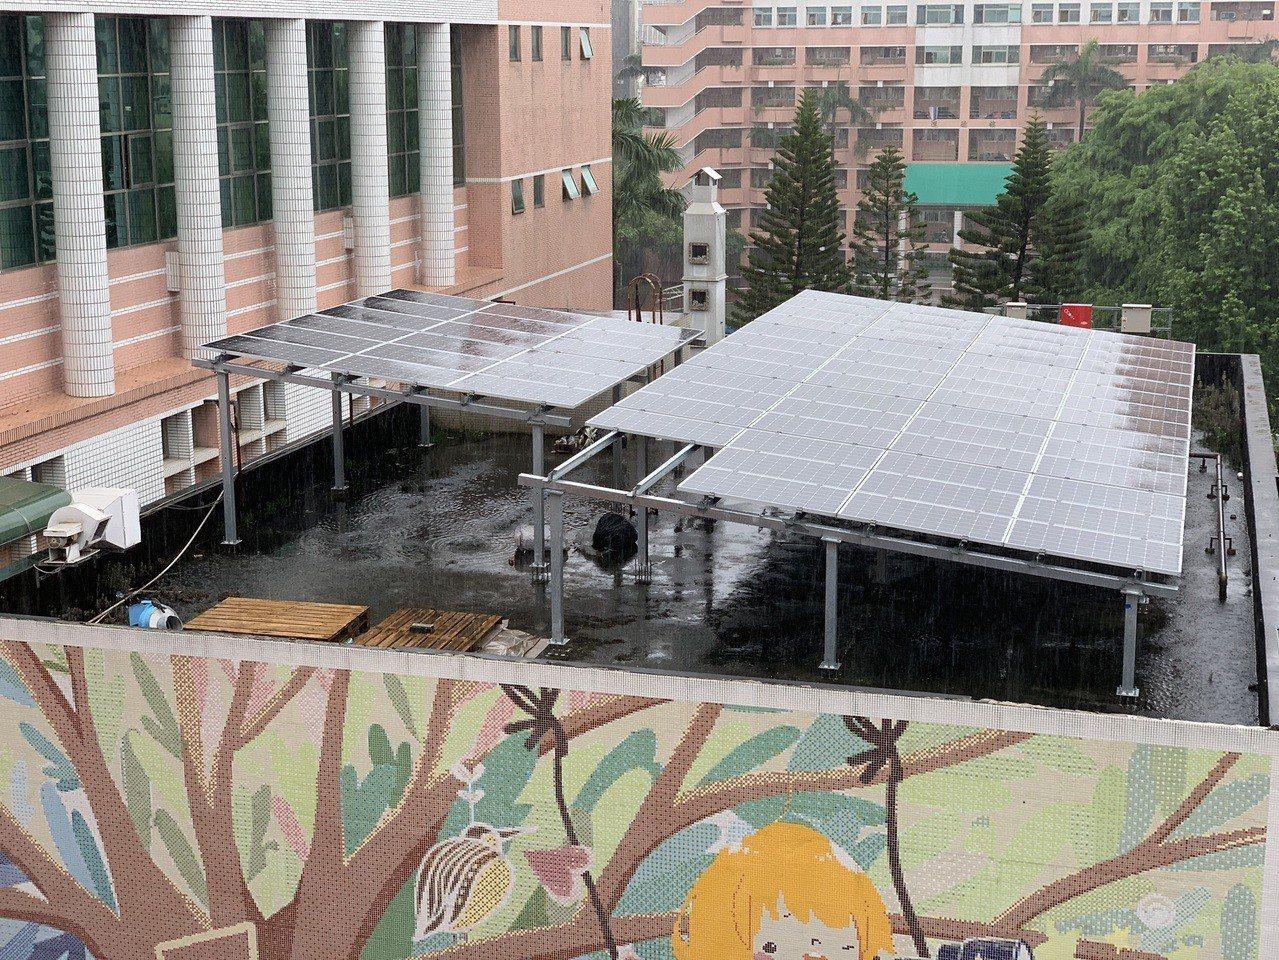 台中女中綜合大樓建置太陽能板,一期工程9成完工,目前二期工程進行中,疑似因此而導...